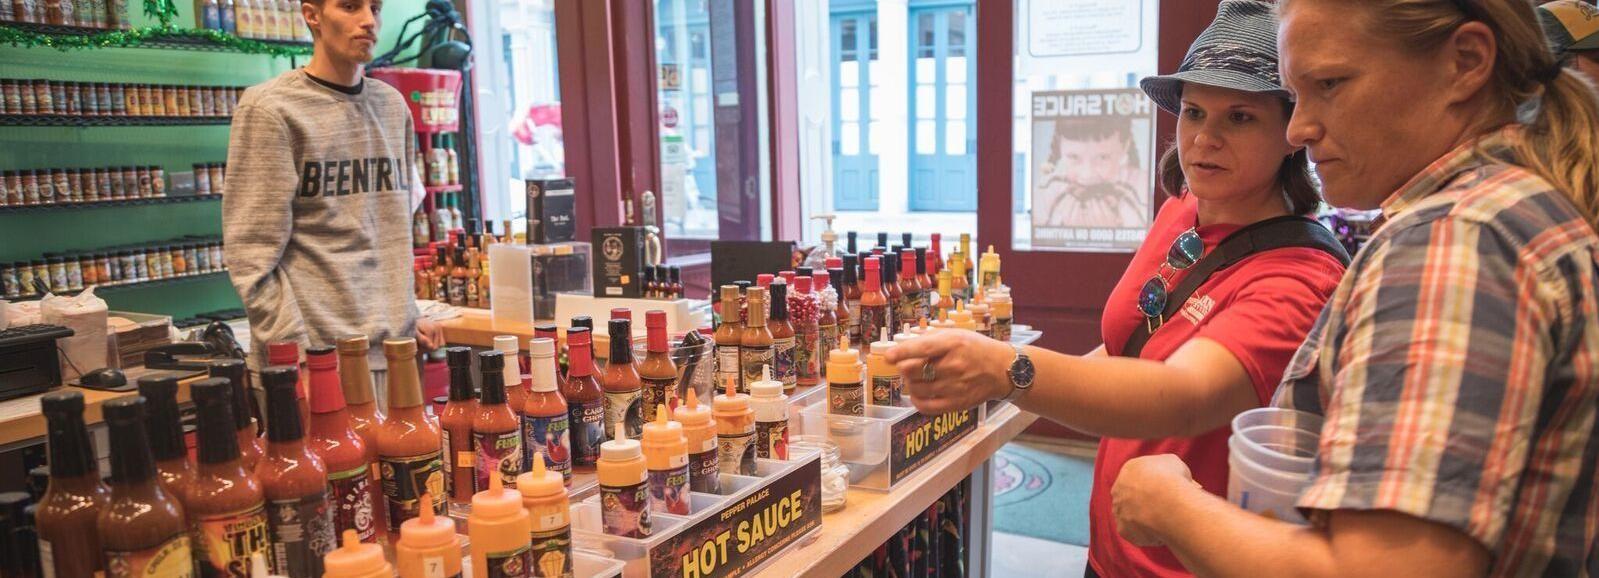 Nova Orleans: French Quarter Food Tour